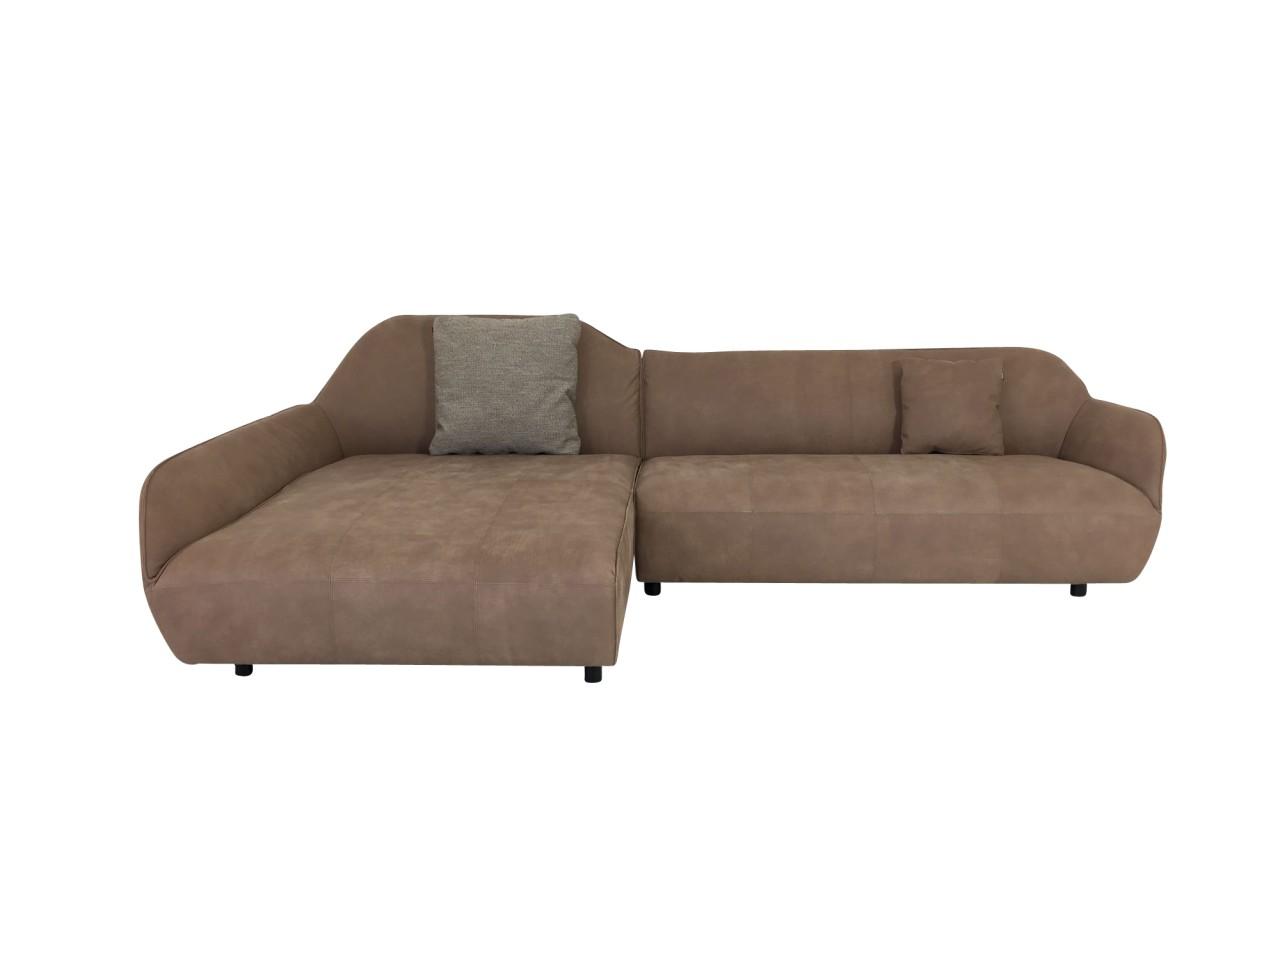 Hülsta Sofa hs.480 mit Recamiere in samtig weichen Anilin Leder Yves graubeige mit Kissen